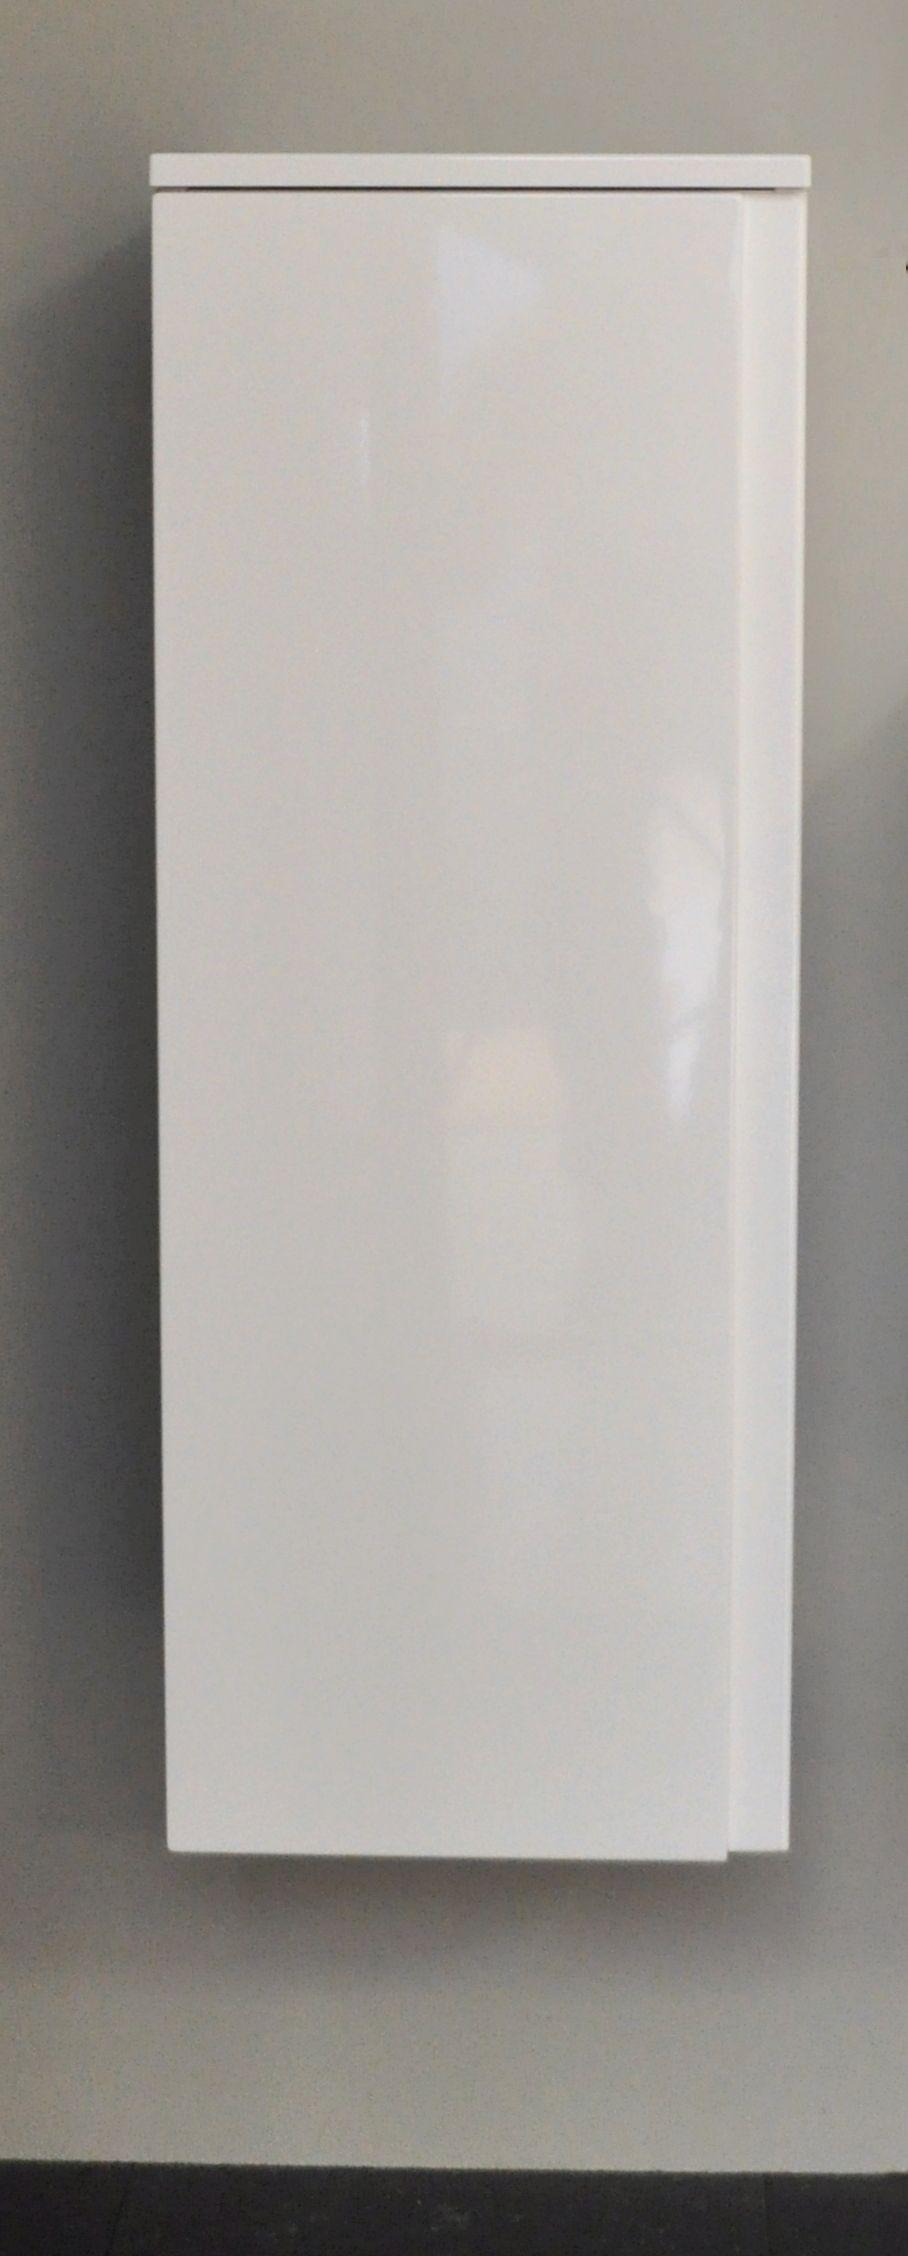 Sanicare Q7 half hoge kolomkast 90x33,5x32 cm. hoogglans wit